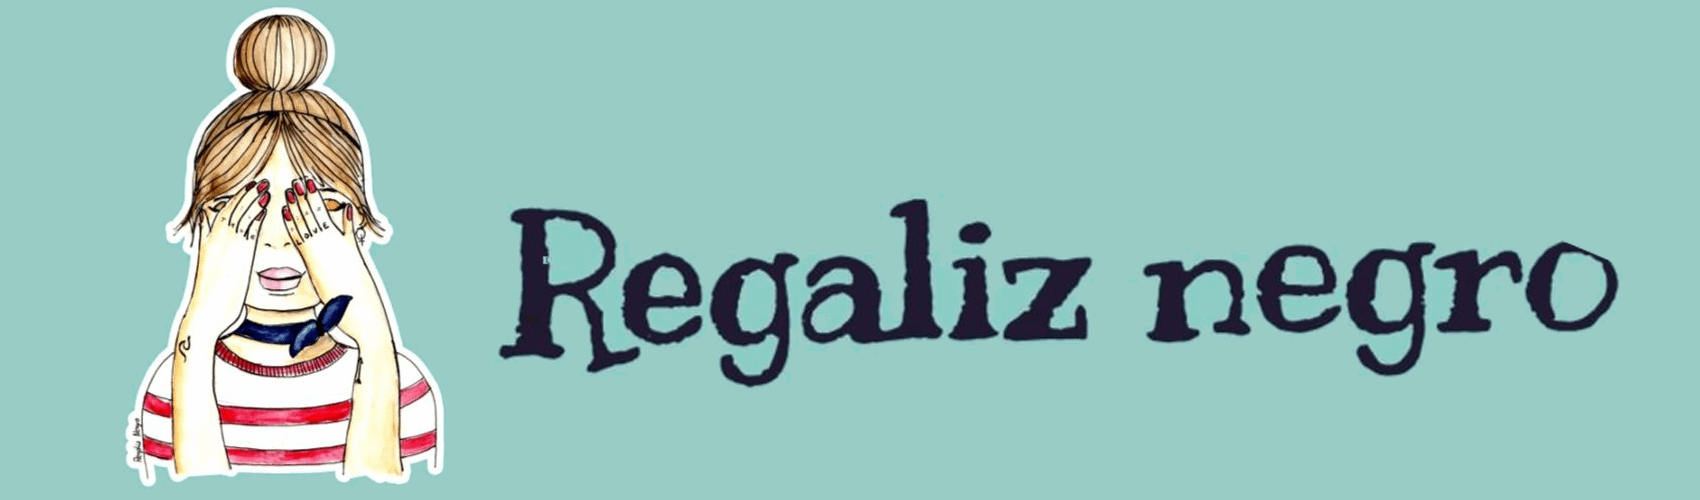 Regaliz Negro